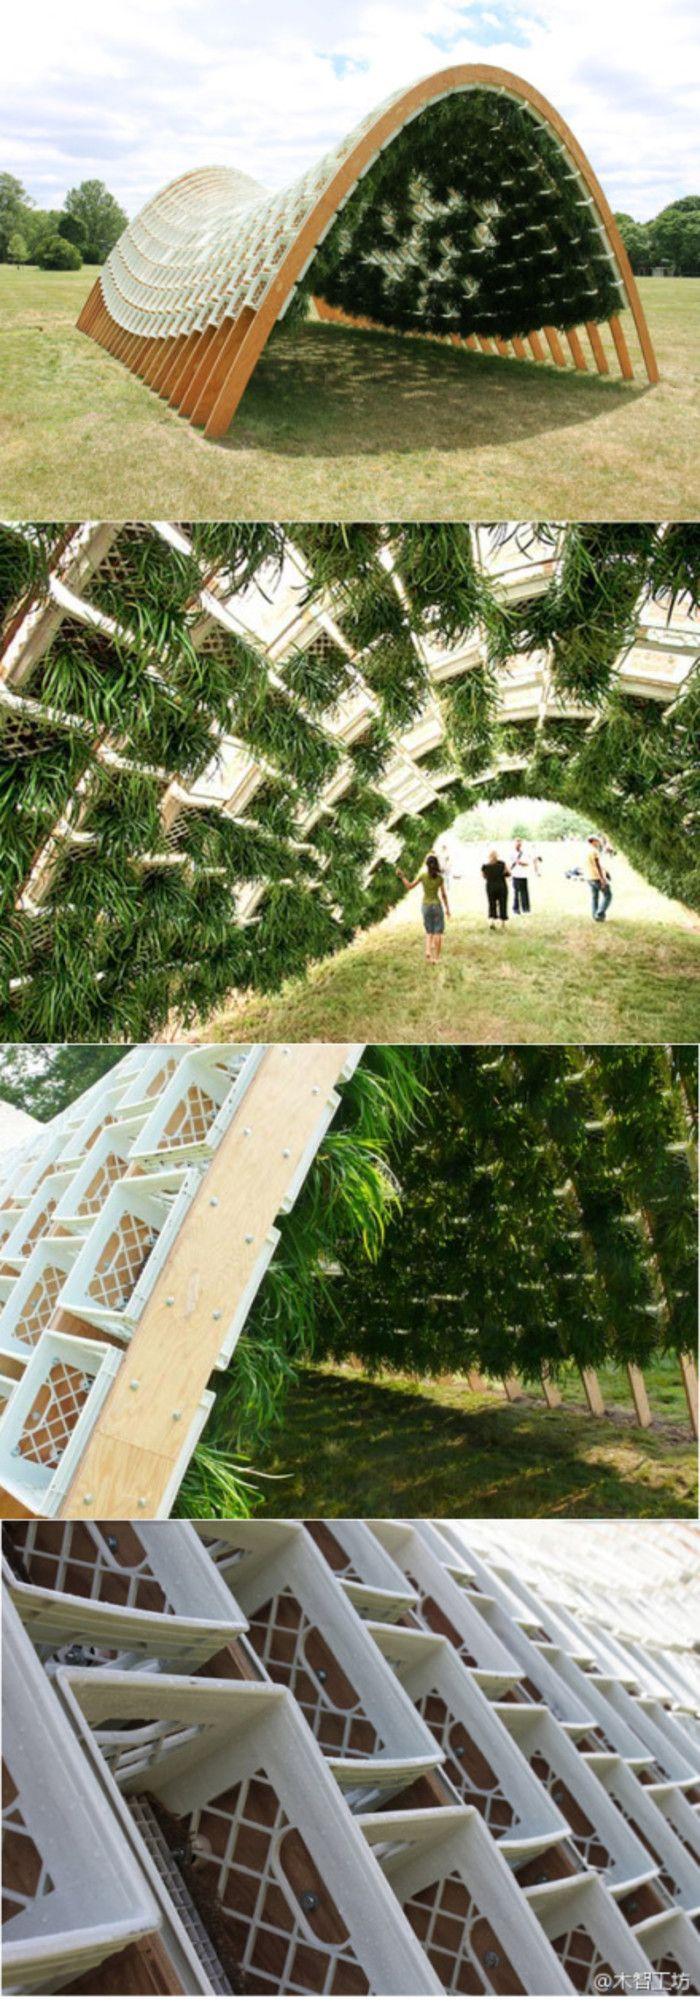 位于曼哈顿总督岛(Governors Island)上的一座绿色展馆,由木材和回收的牛奶箱制作。Ann Ha 和Behrang Behin设计。